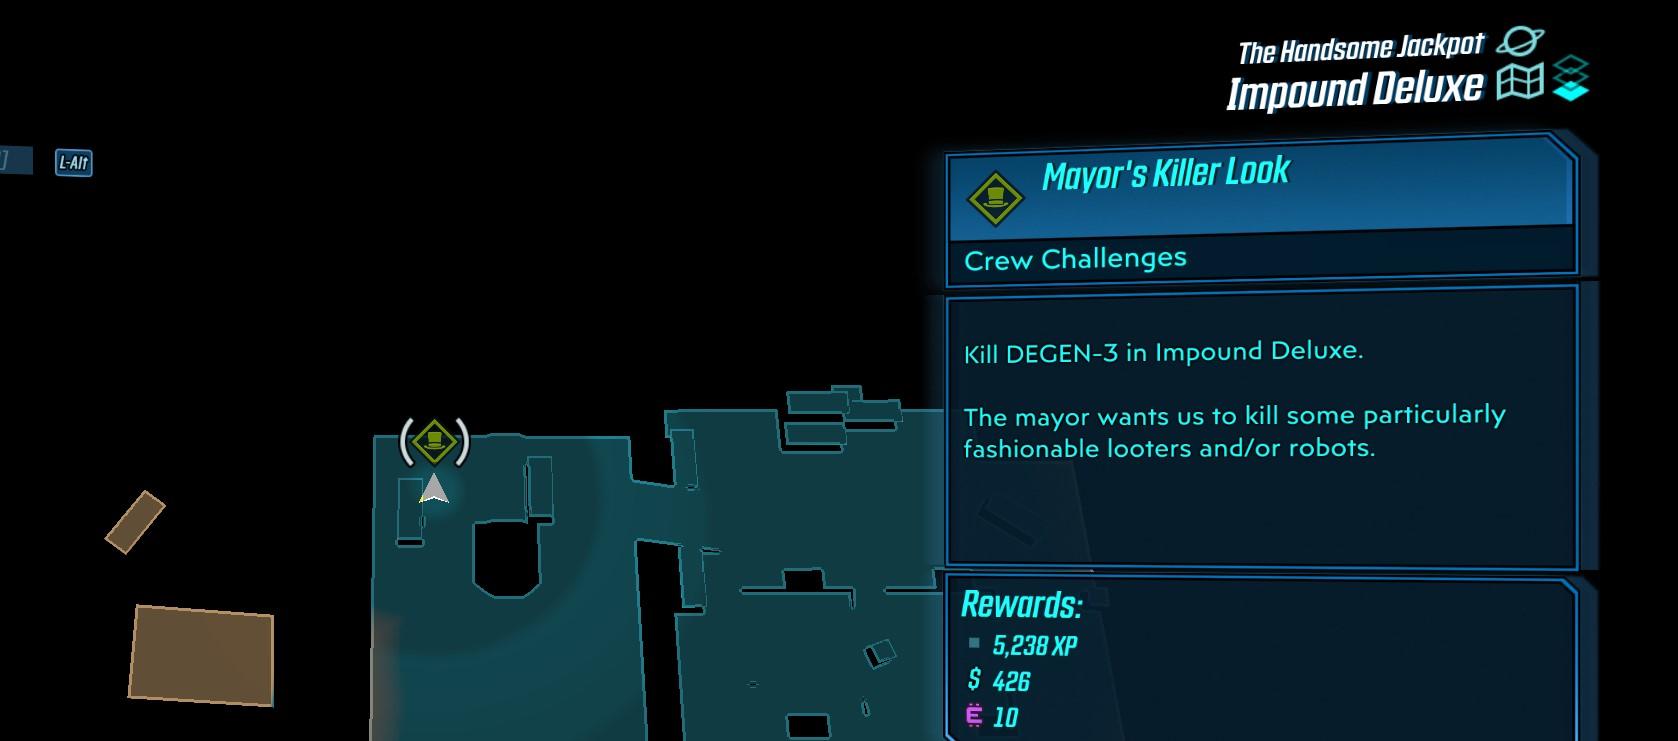 Emplacement DEGEN-3 Killer Look